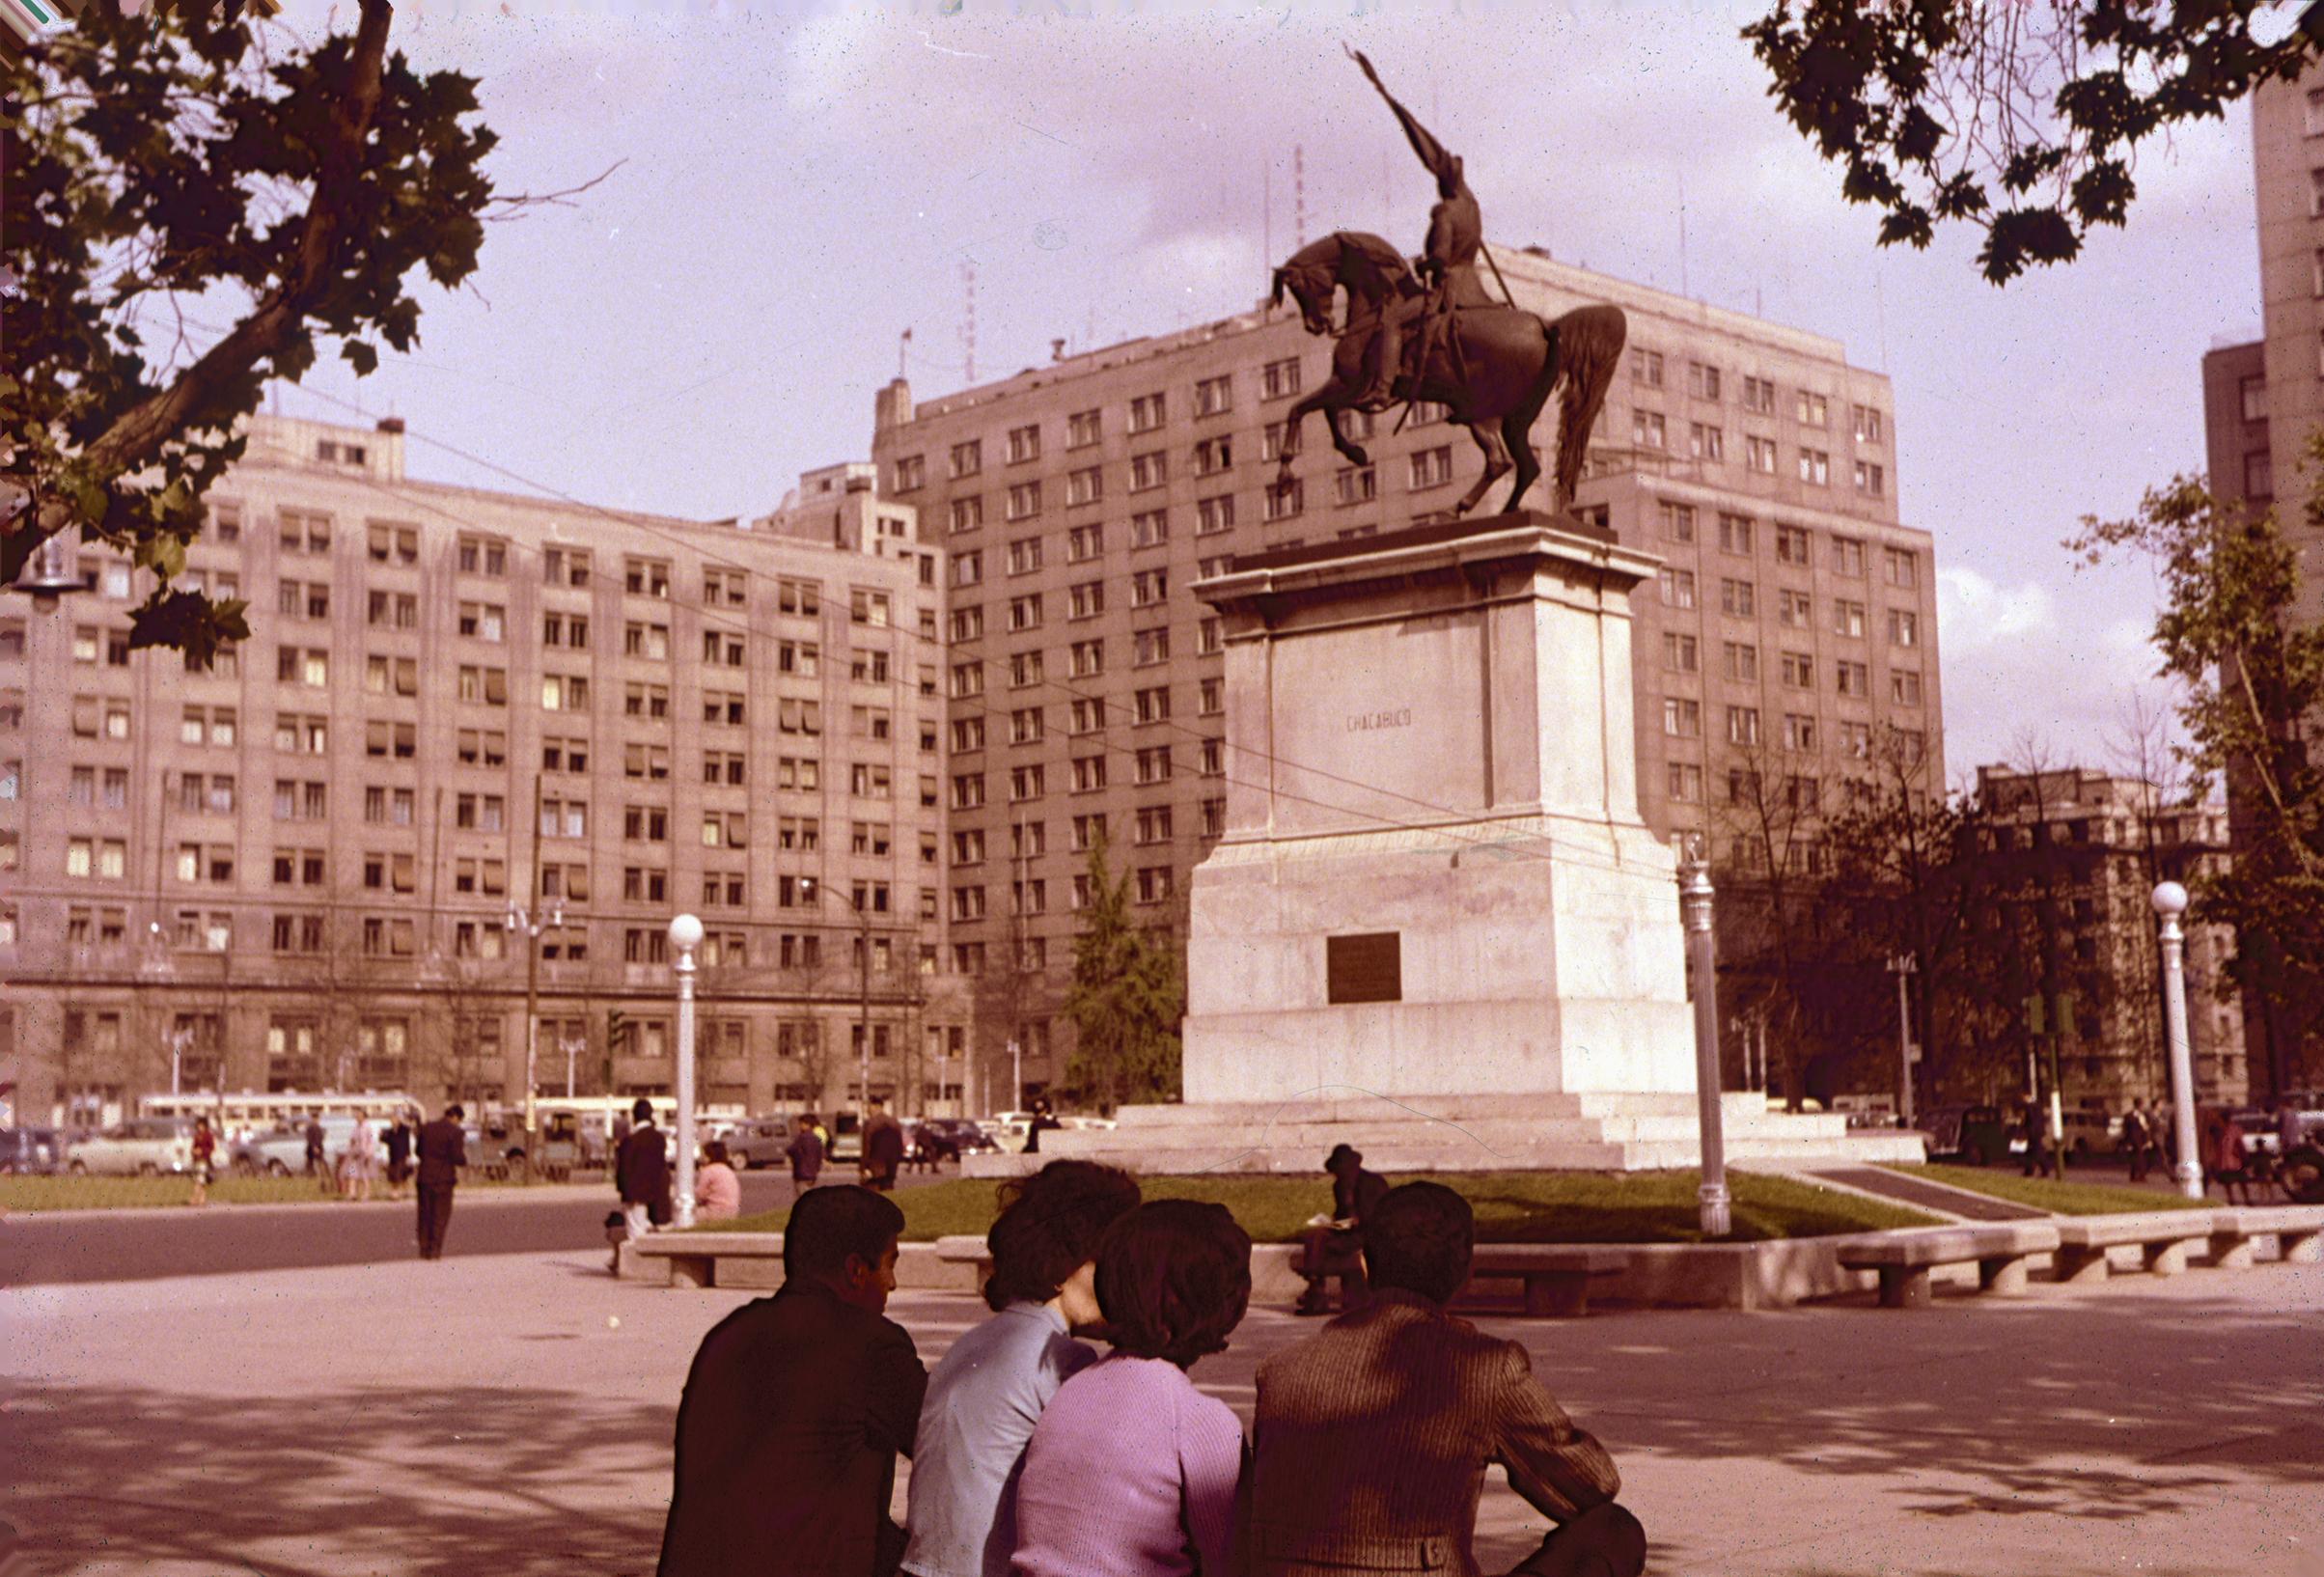 Enterreno - Fotos históricas de chile - fotos antiguas de Chile - Monumento al General San Martin en el eje Bulnes, años 60´s